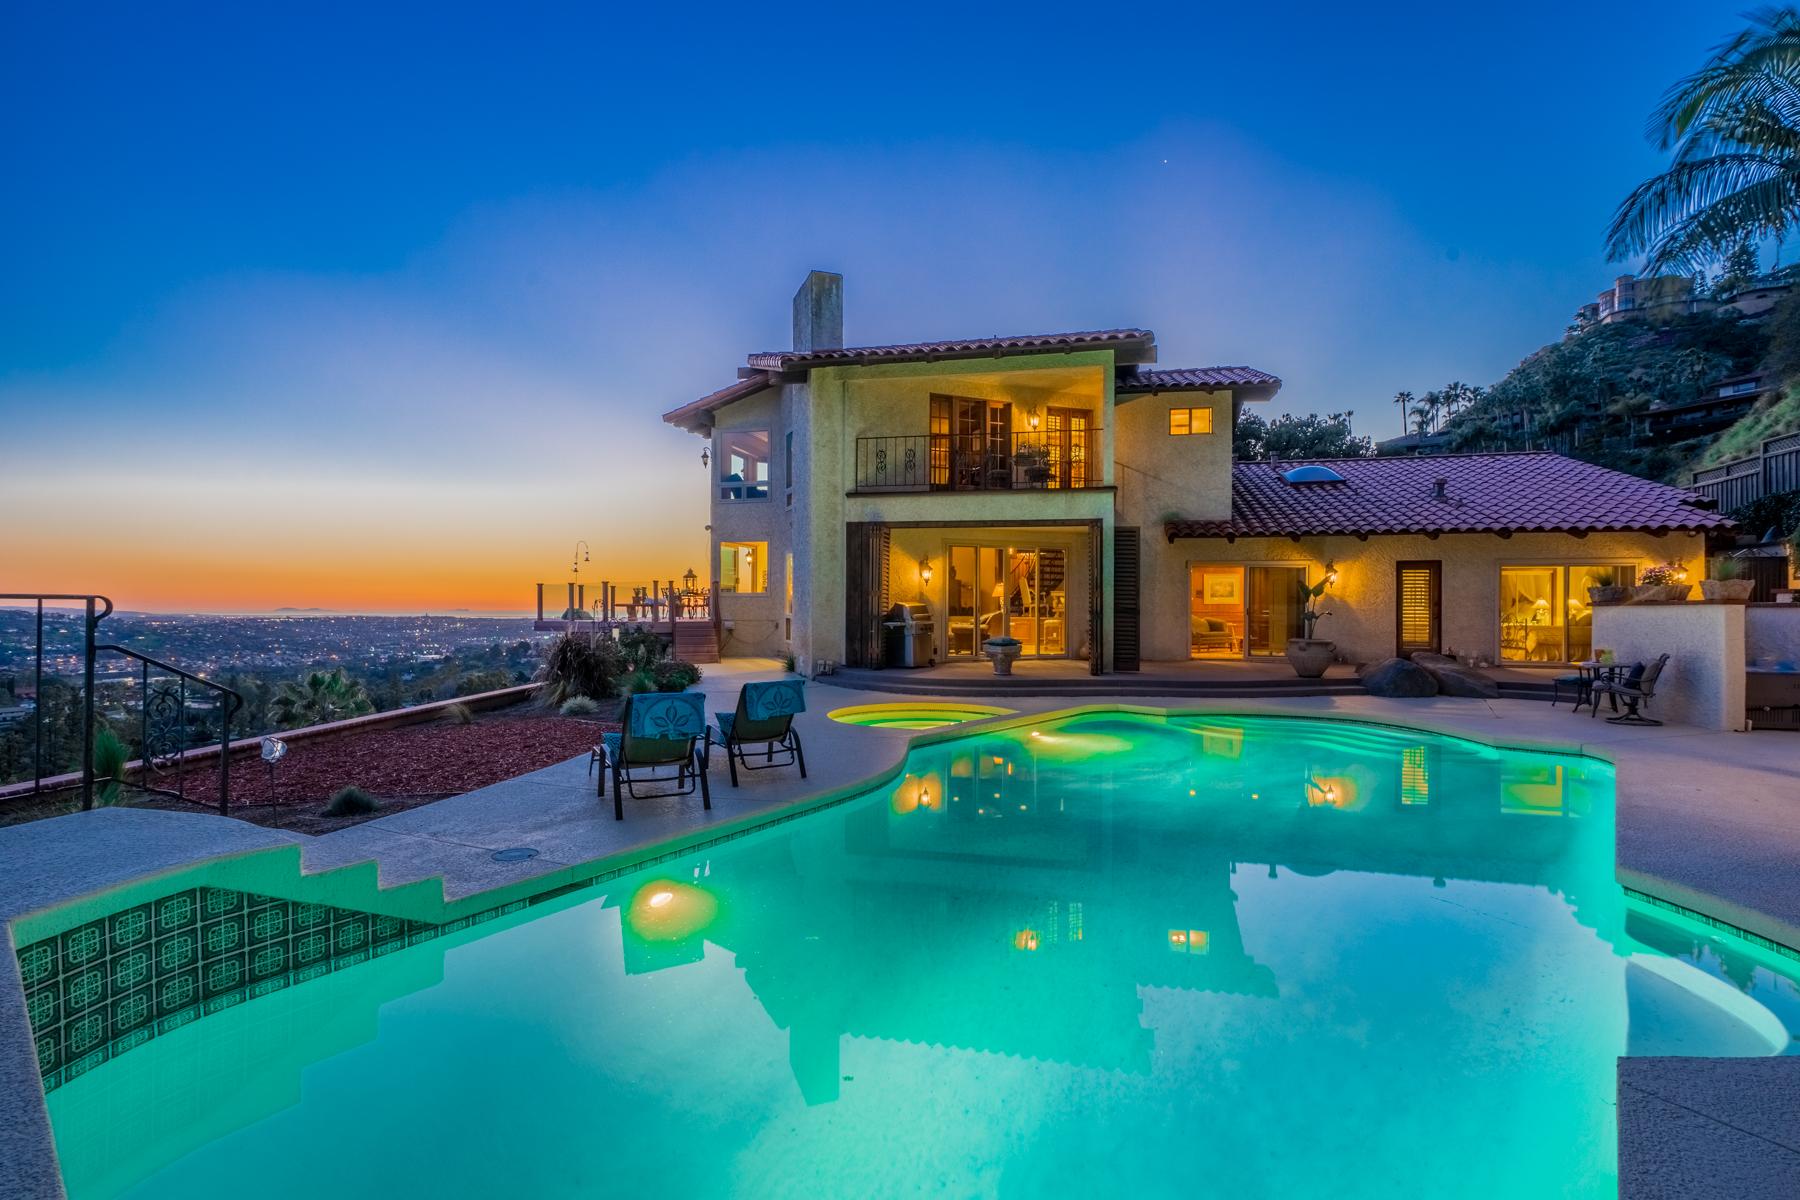 独户住宅 为 销售 在 4777 Gabriel Way 拉梅萨, 91941 美国